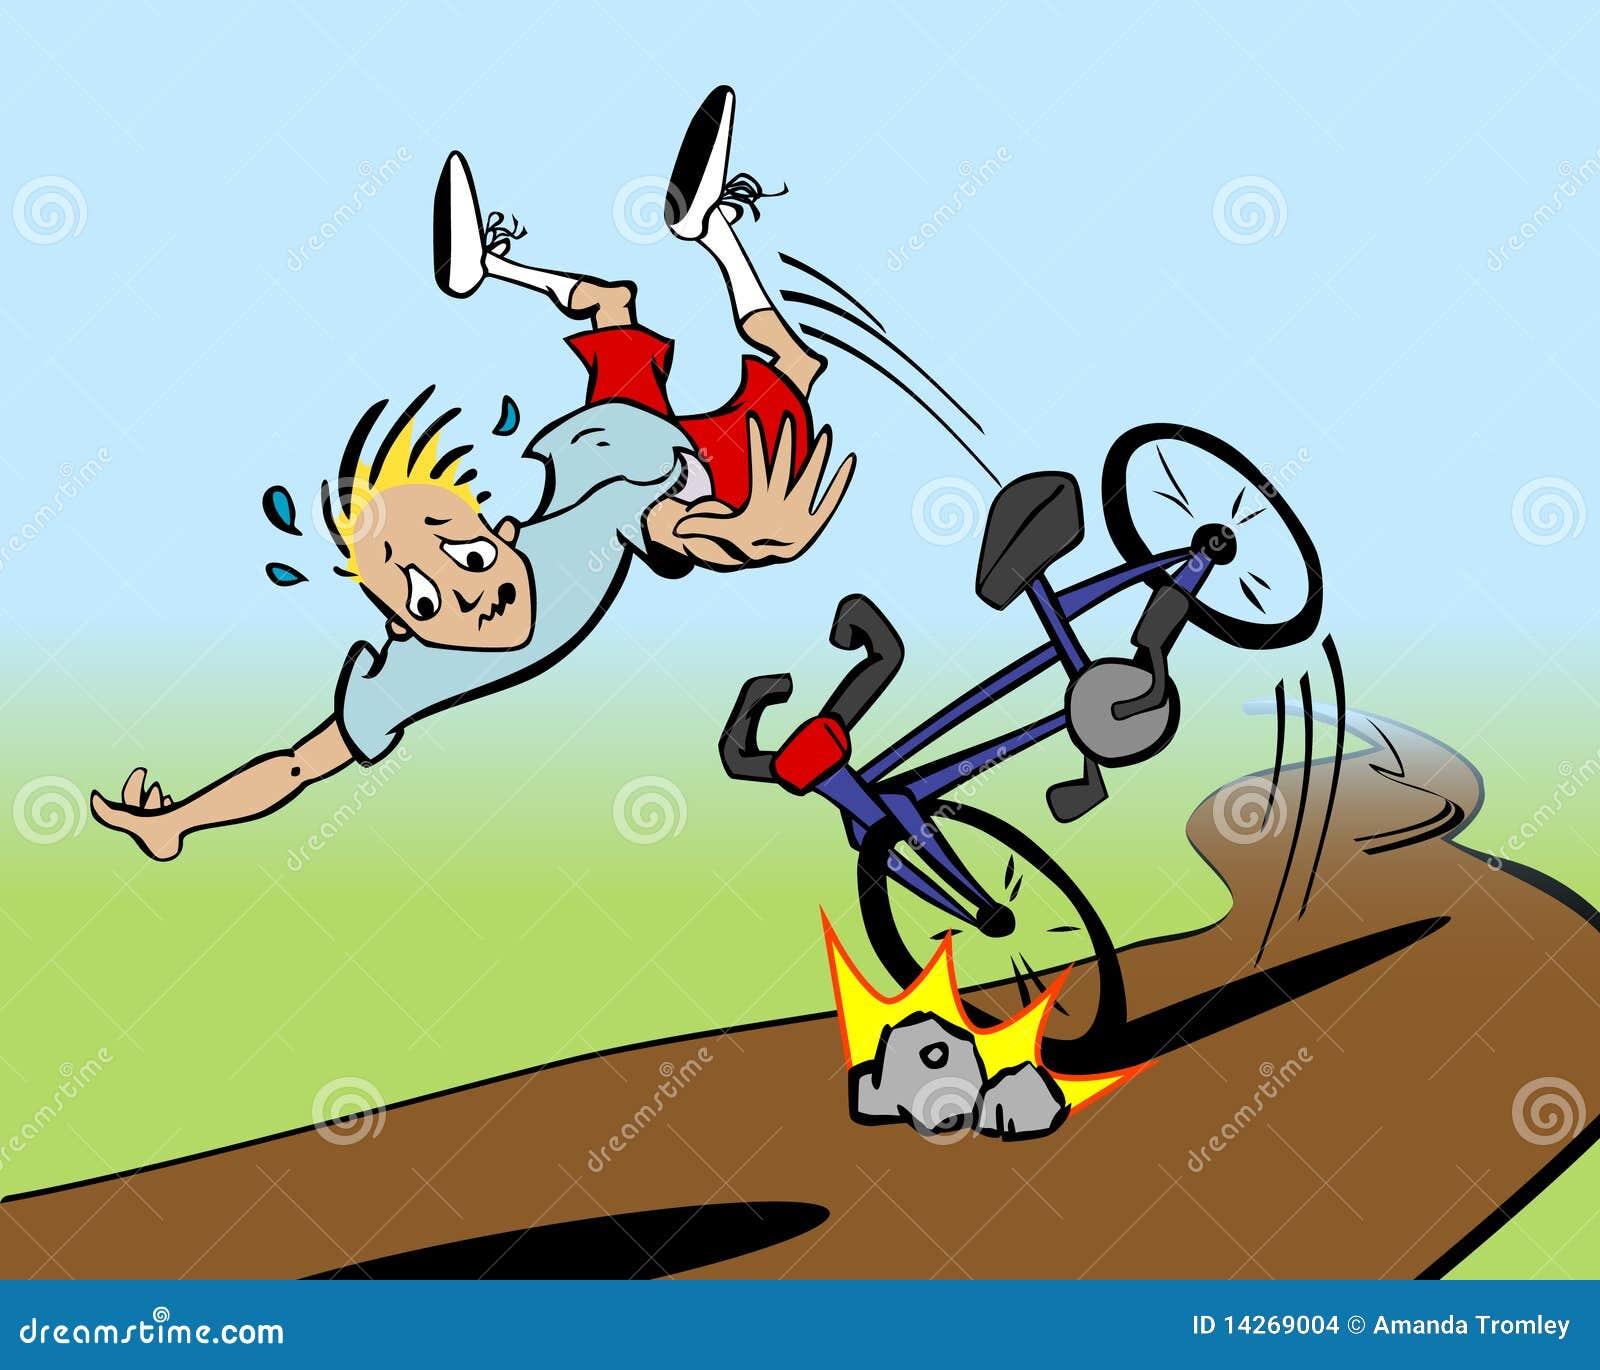 Рисунок как я упал с велосипеда